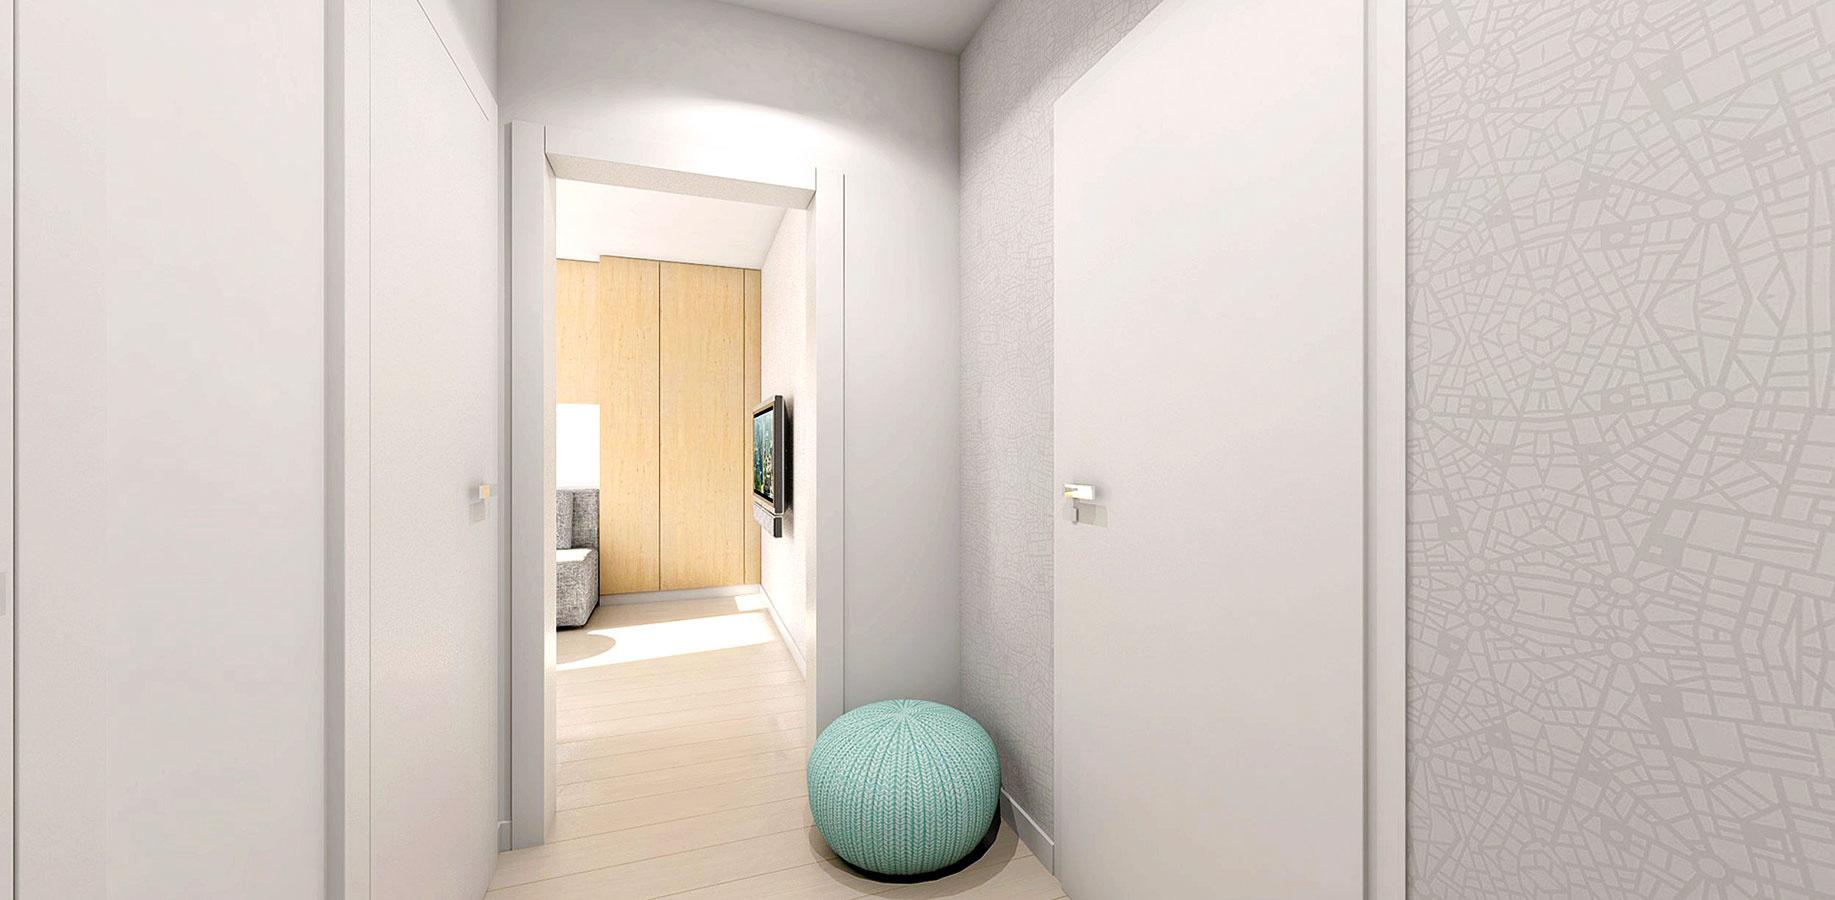 Na stenách chodby, vobývacej izbe aj za posteľou vspálni sa nachádza biela tapeta sjemným vzorom, ktorá priestor zmäkčuje azútulňuje.